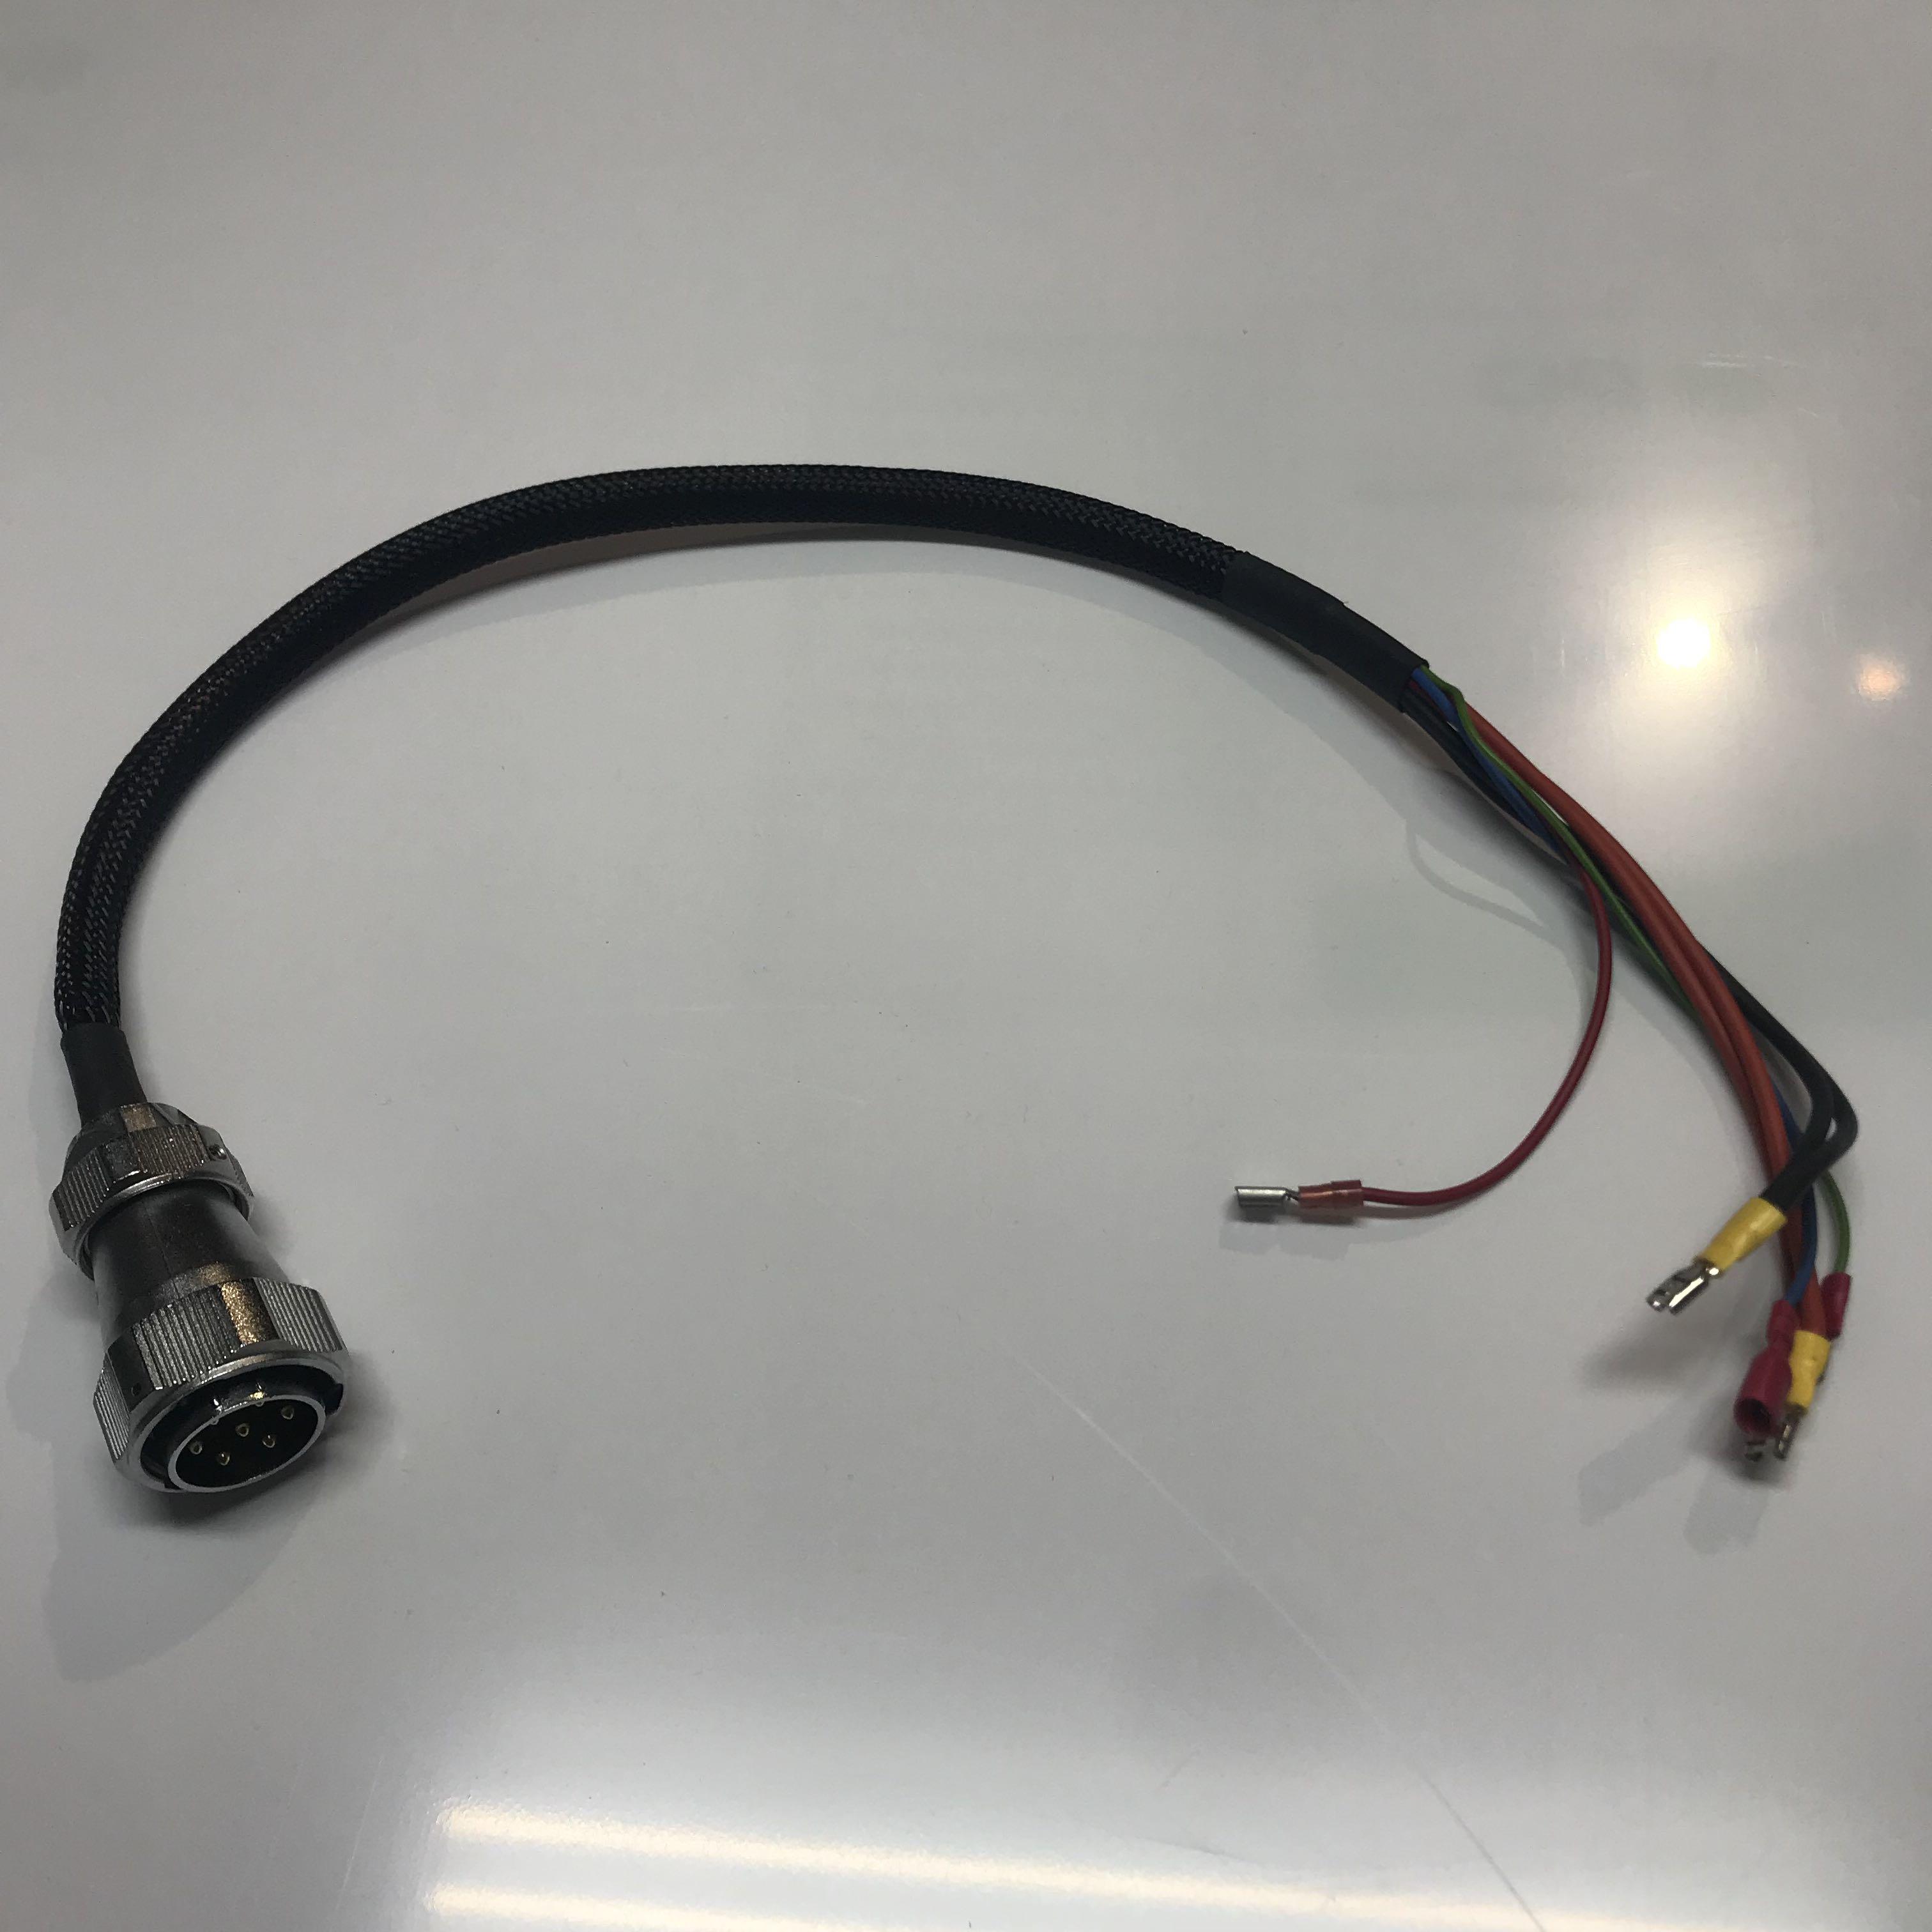 Kabelset Batteriestecker- Wago-Klemmschiene- Controller